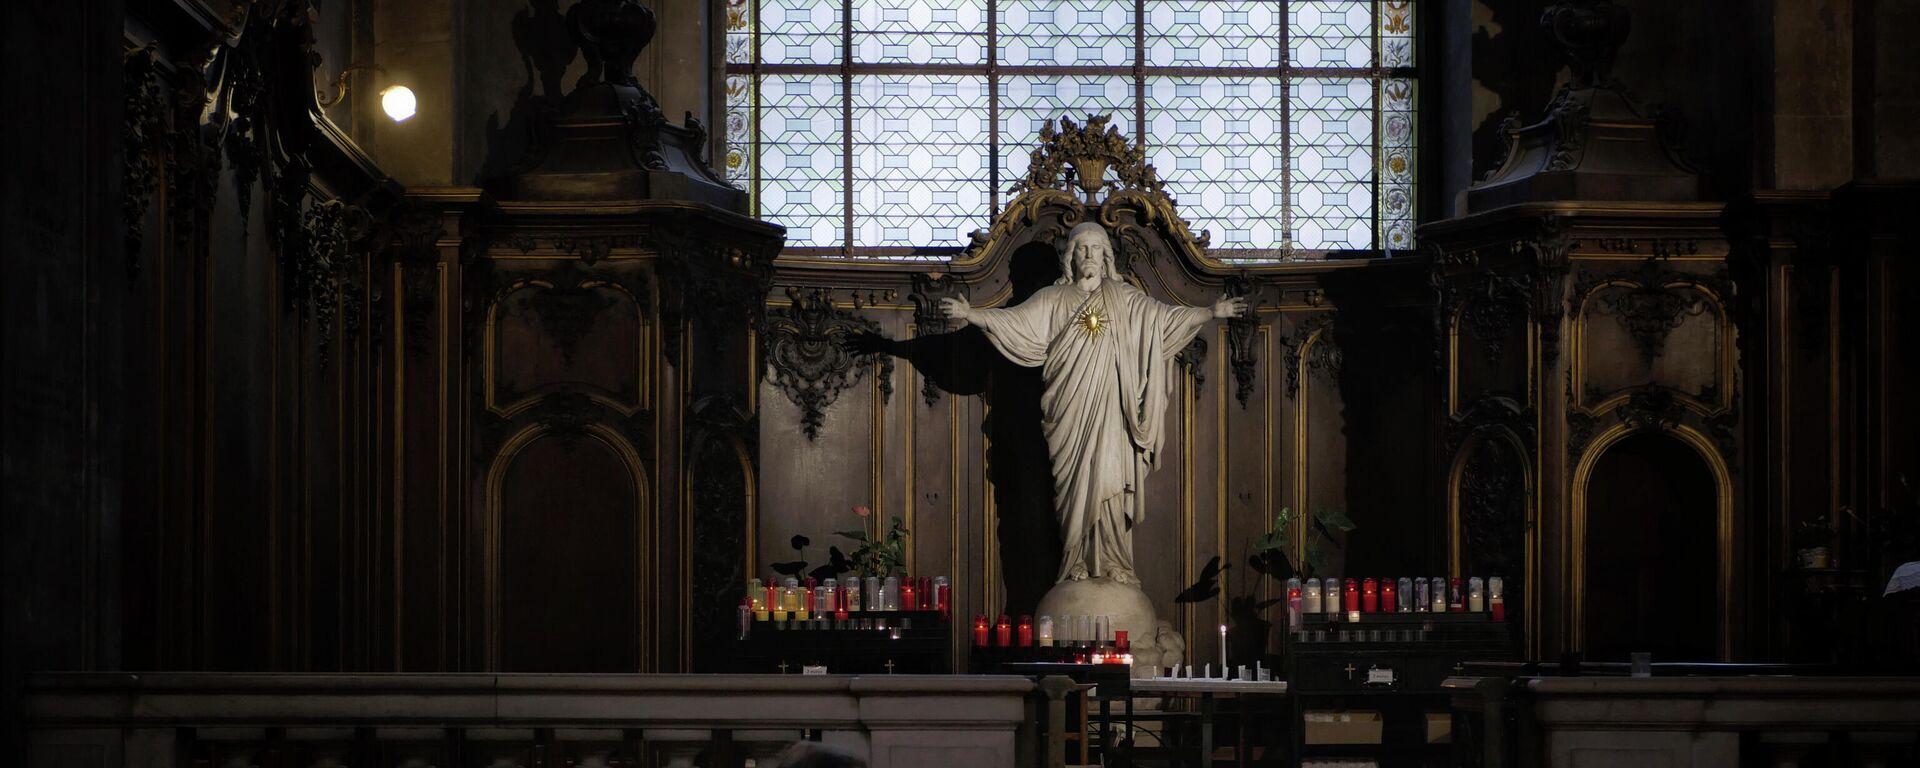 Καθολική Εκκλησία στην Γαλλία - Sputnik Ελλάδα, 1920, 03.10.2021